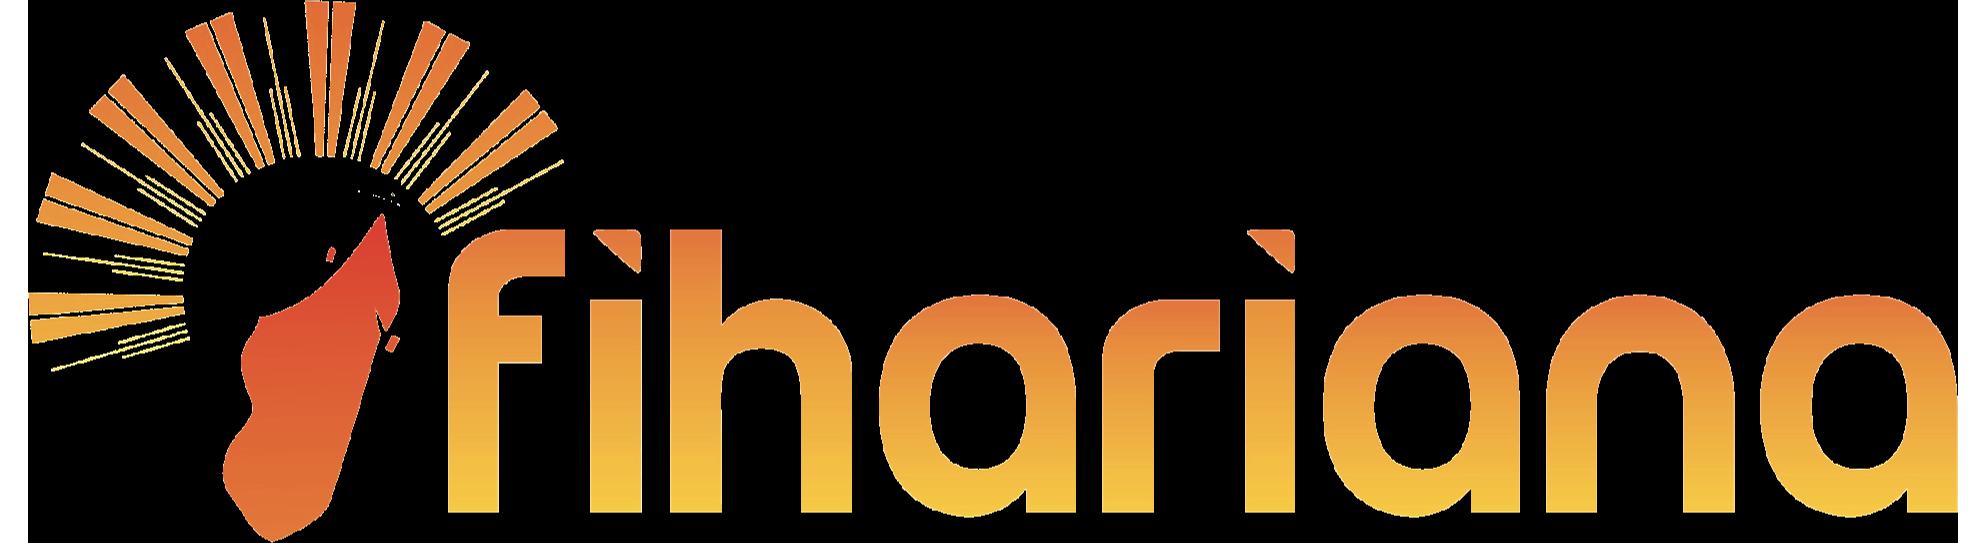 Fihariana.com